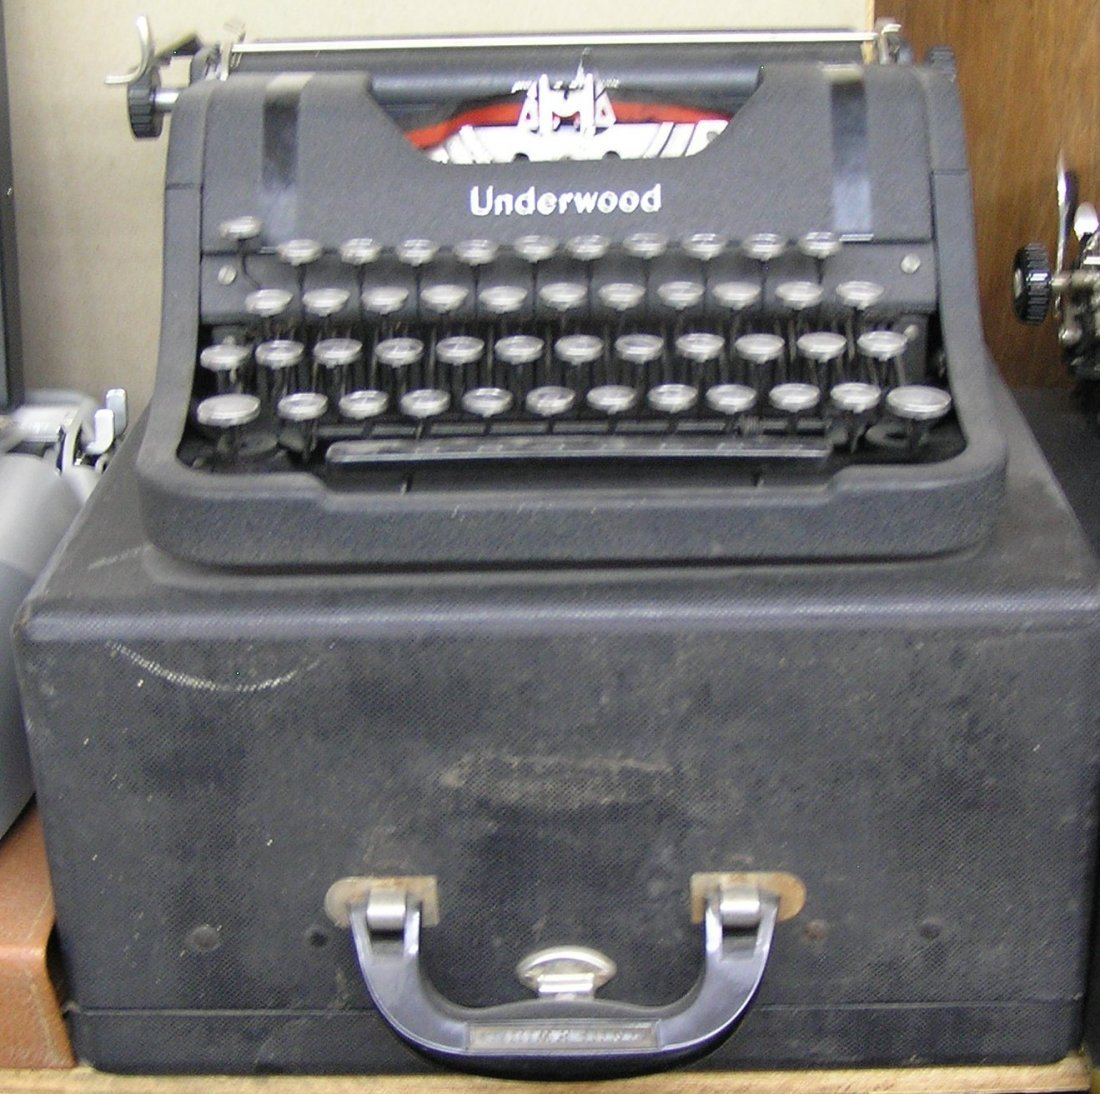 Antique Underwood typewriter with original case